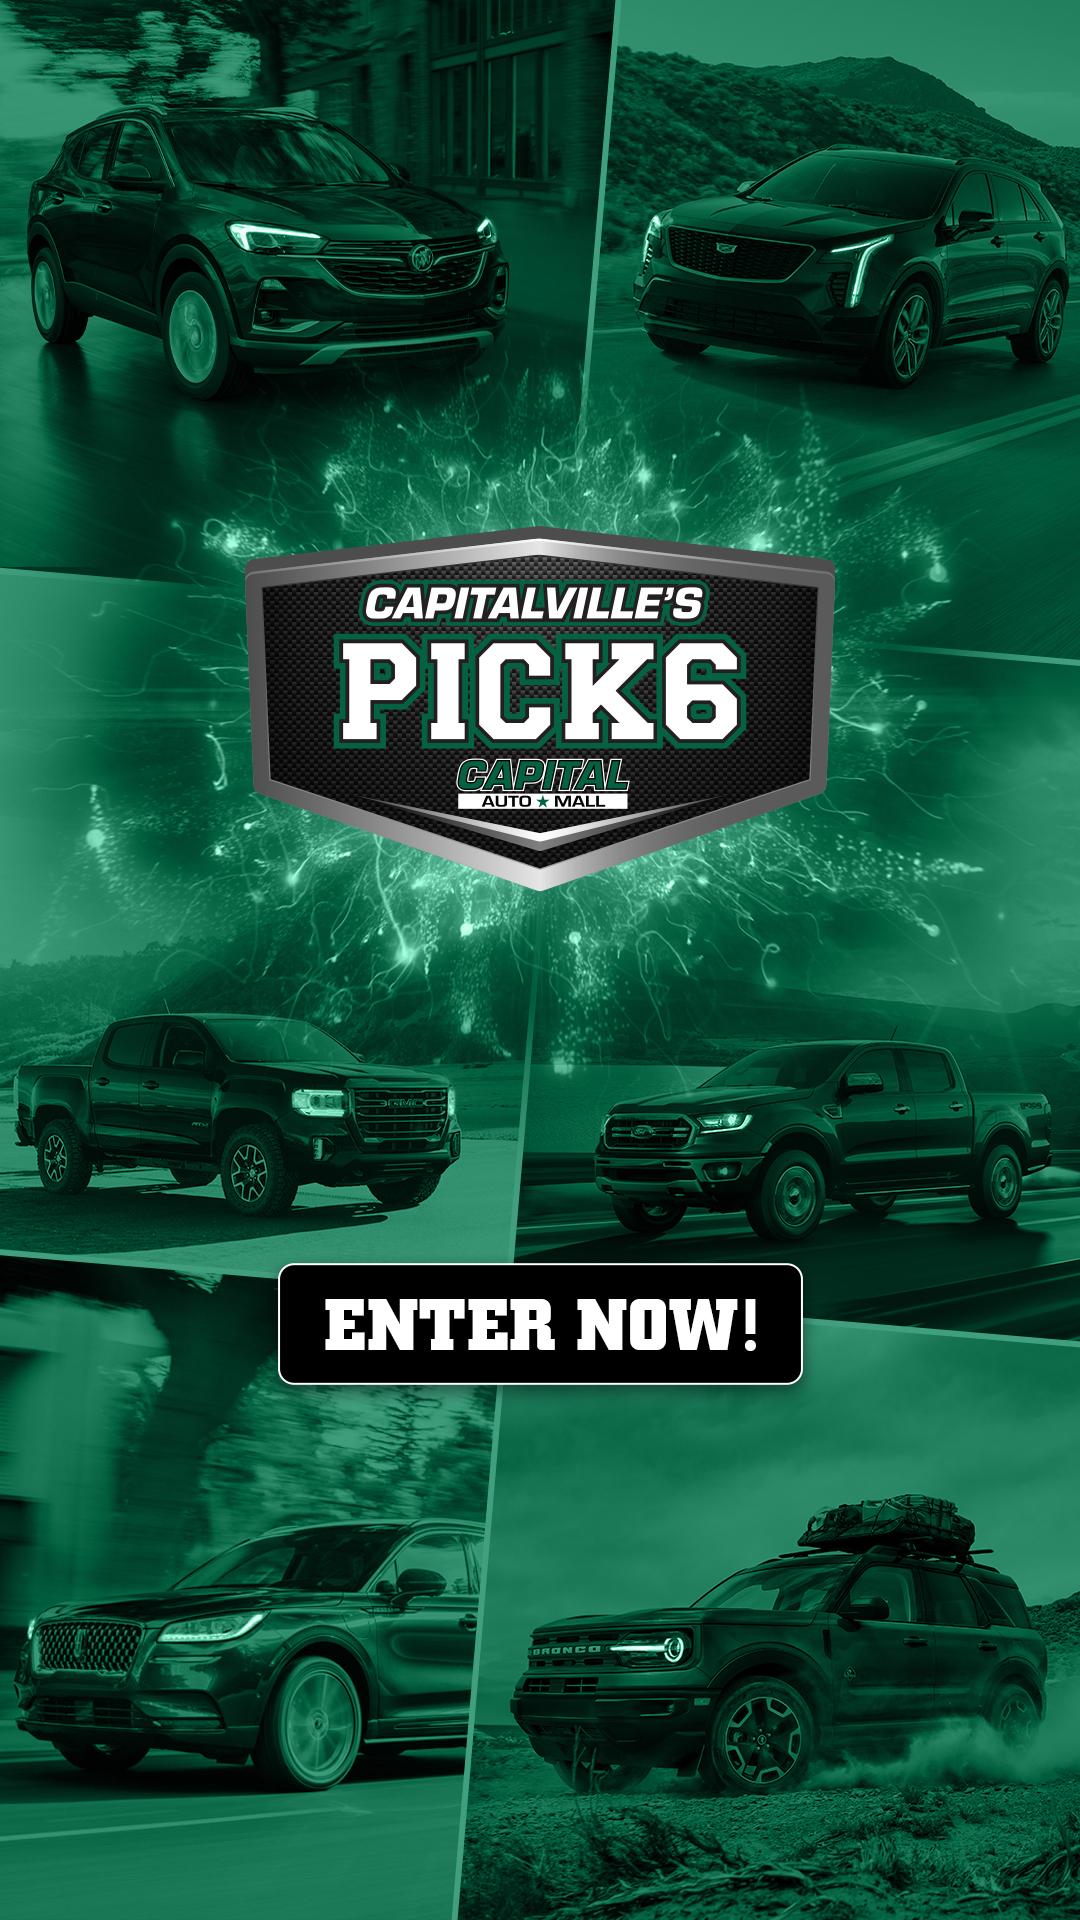 Capitalville's Pick 6 Contest. ENTER NOW!